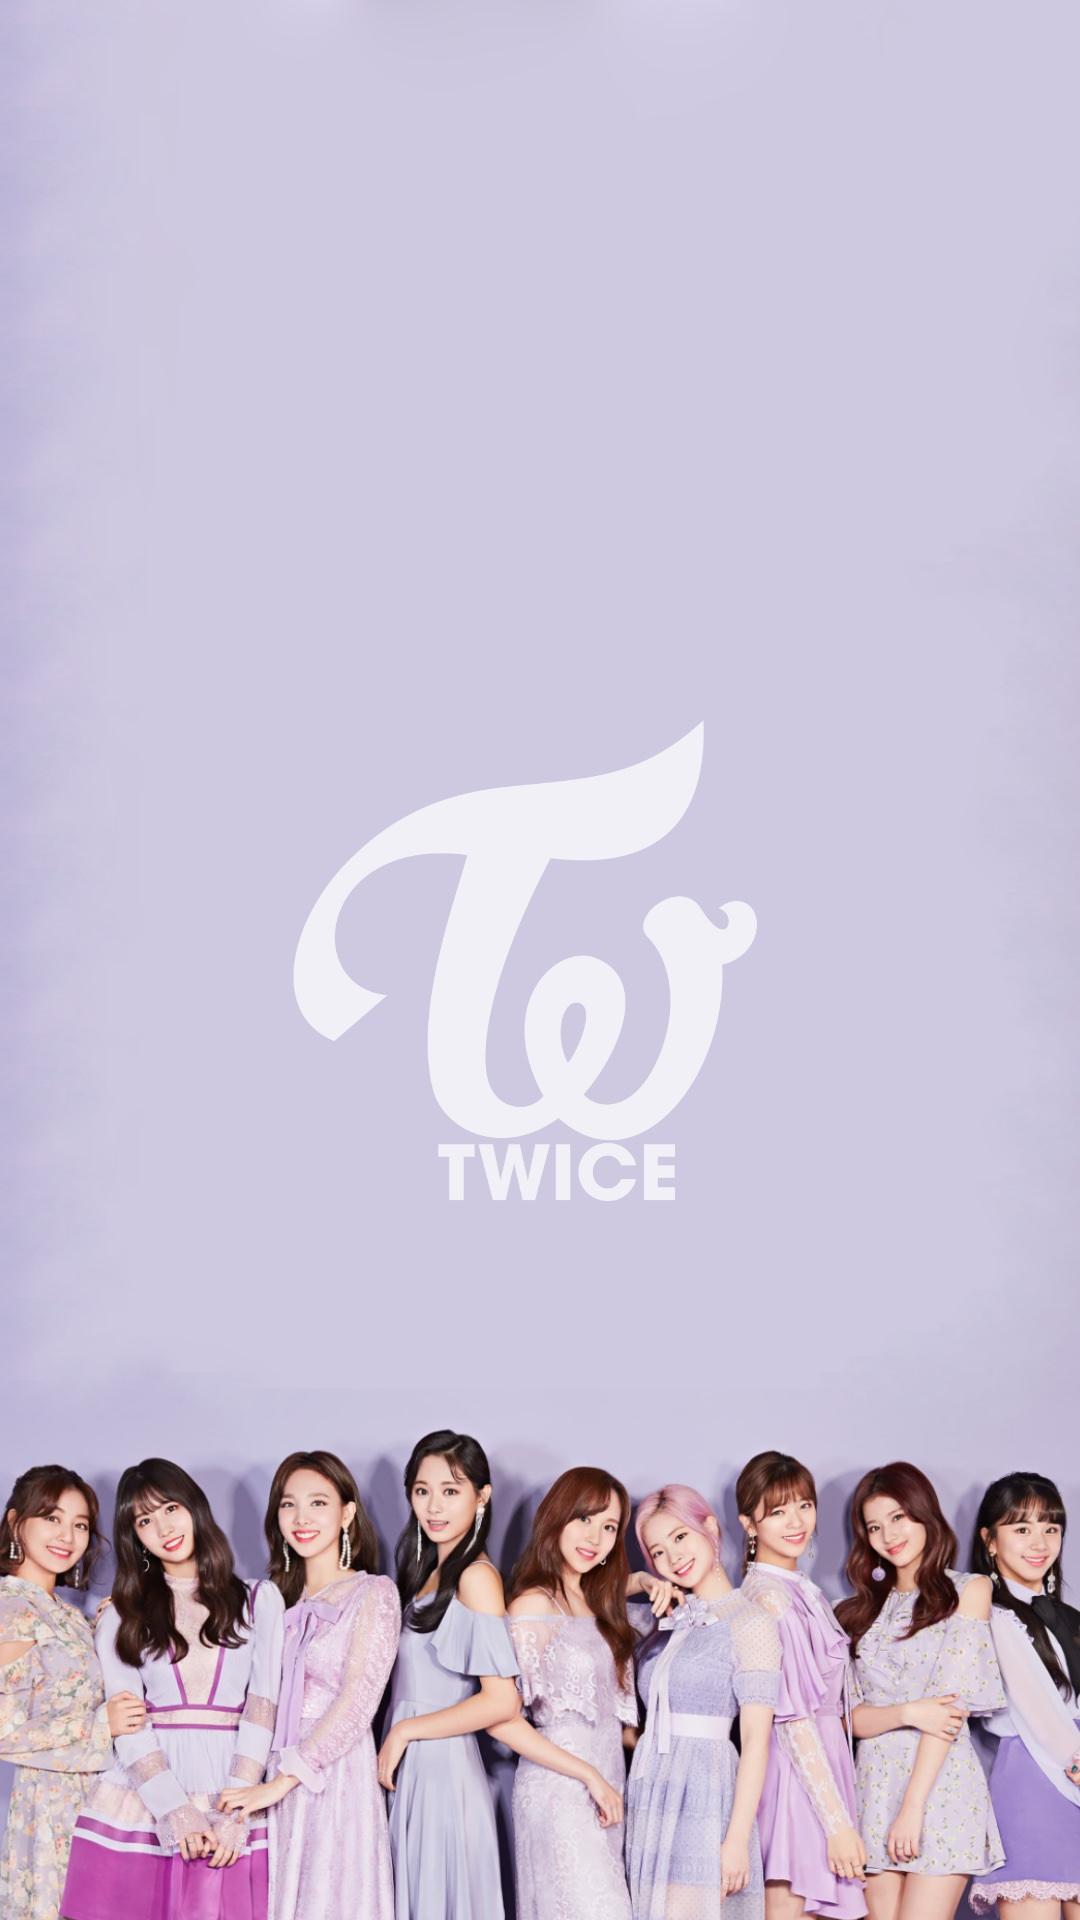 twice17 - [特盛☆スペシャル]TWICE/トゥワイスの高画質スマホ壁紙なんと197枚!! [iPhone&Androidに対応]